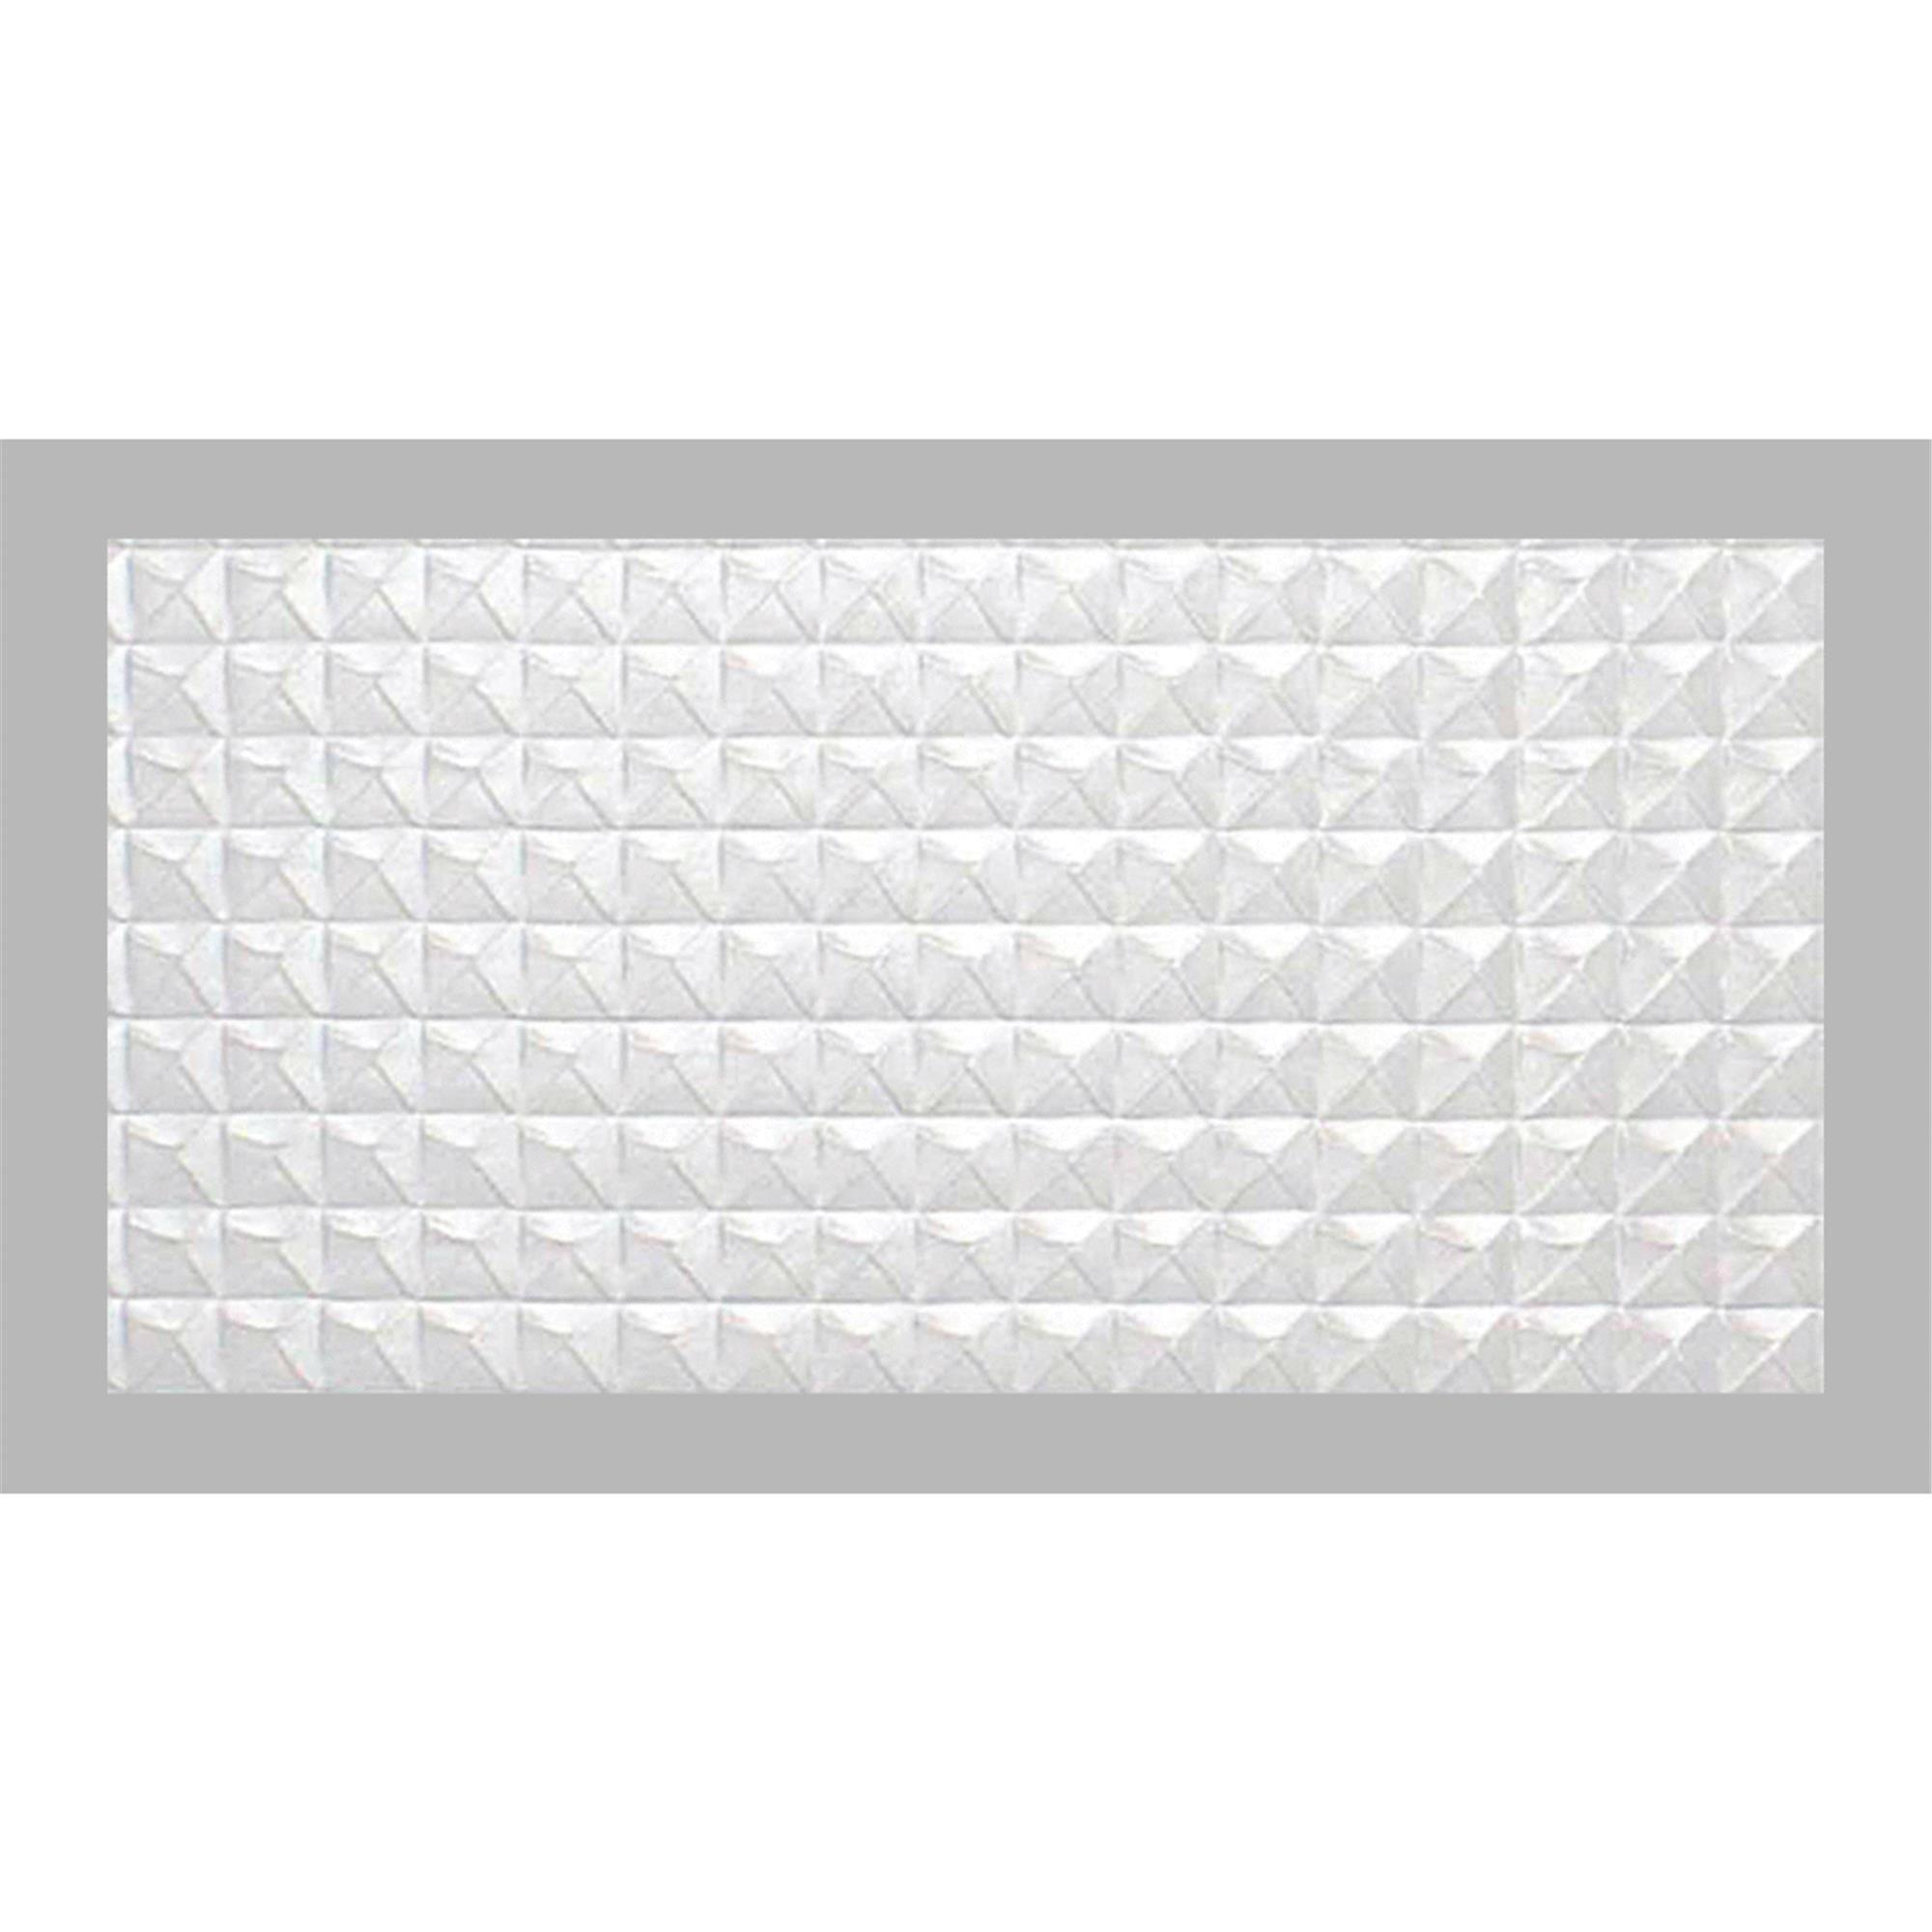 DDI Plas-Tex SpectraTile Waterproof Suspended Ceiling Tile